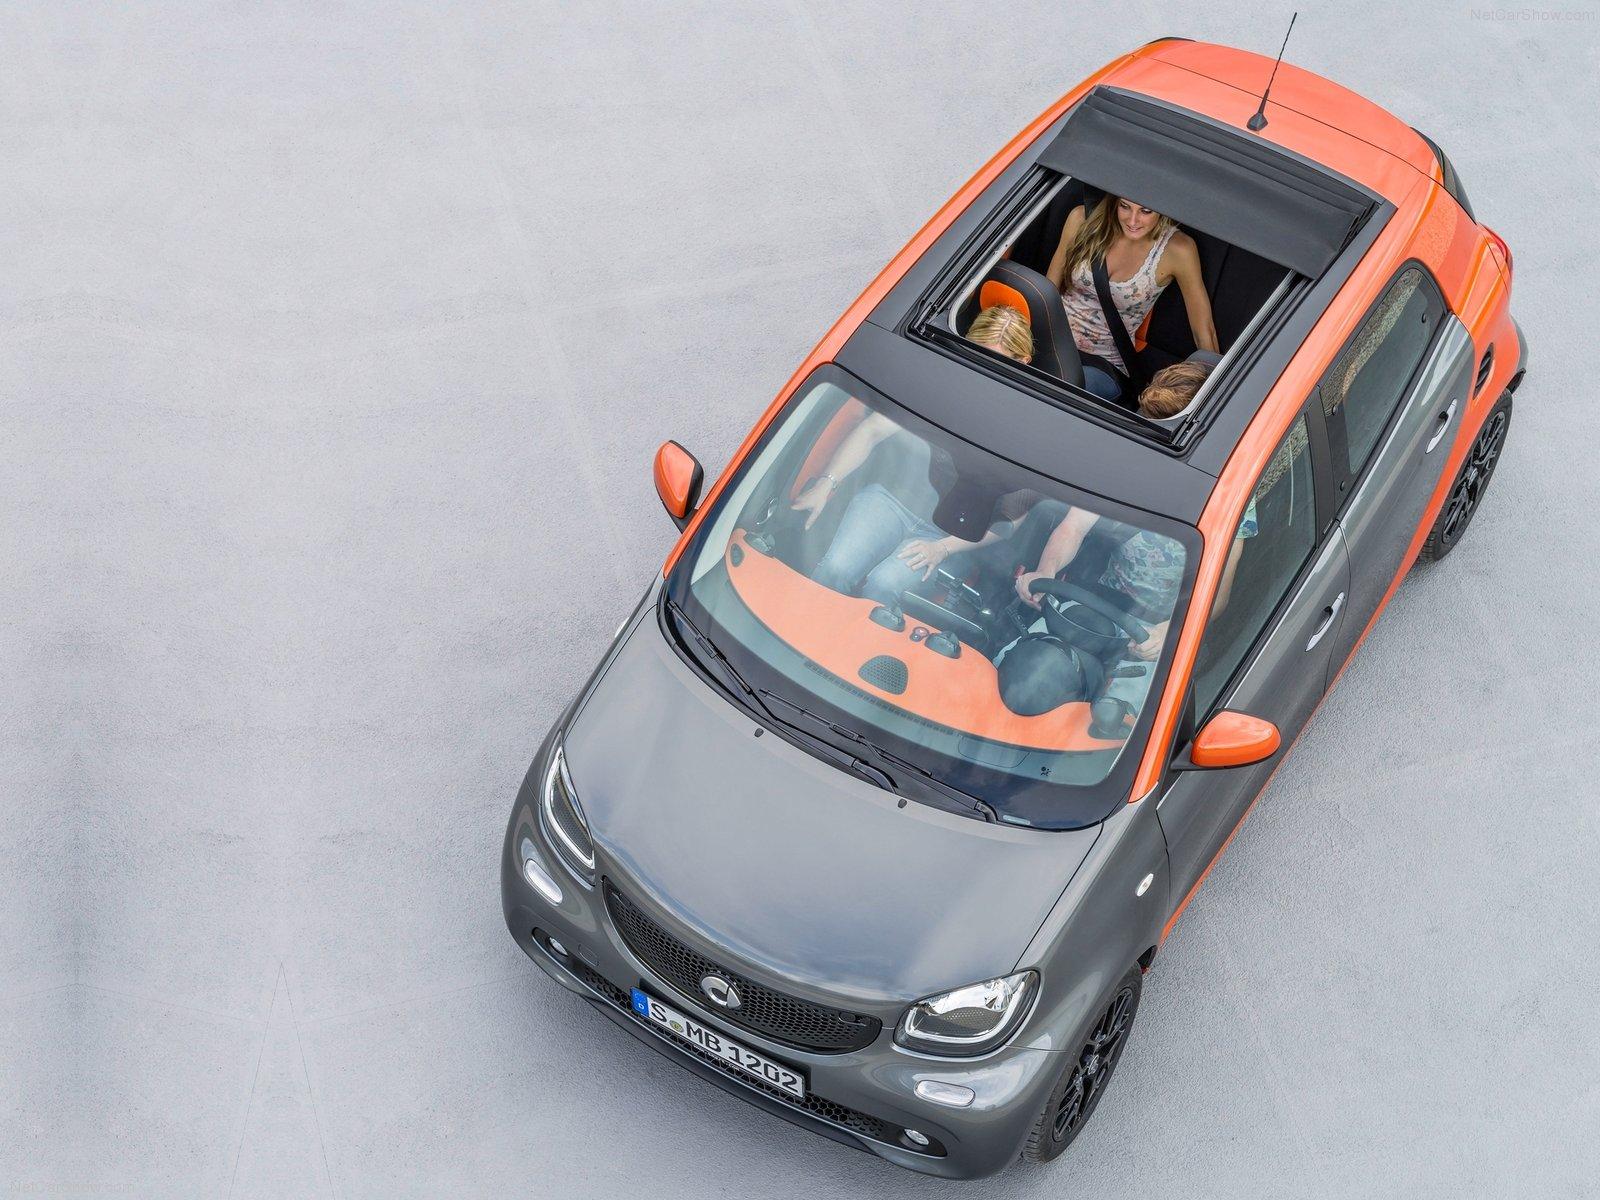 Hình ảnh xe ô tô Smart forfour 2015 & nội ngoại thất